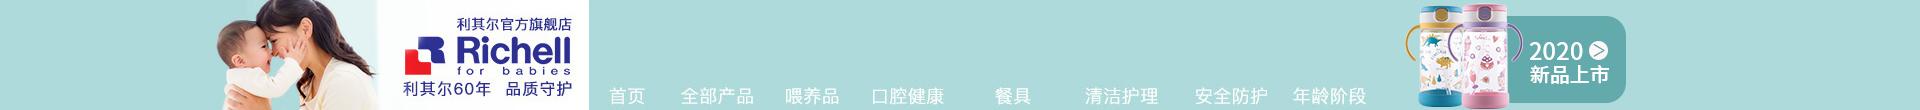 柠檬杯官方旗舰店_利其尔官方旗舰店 - 京东